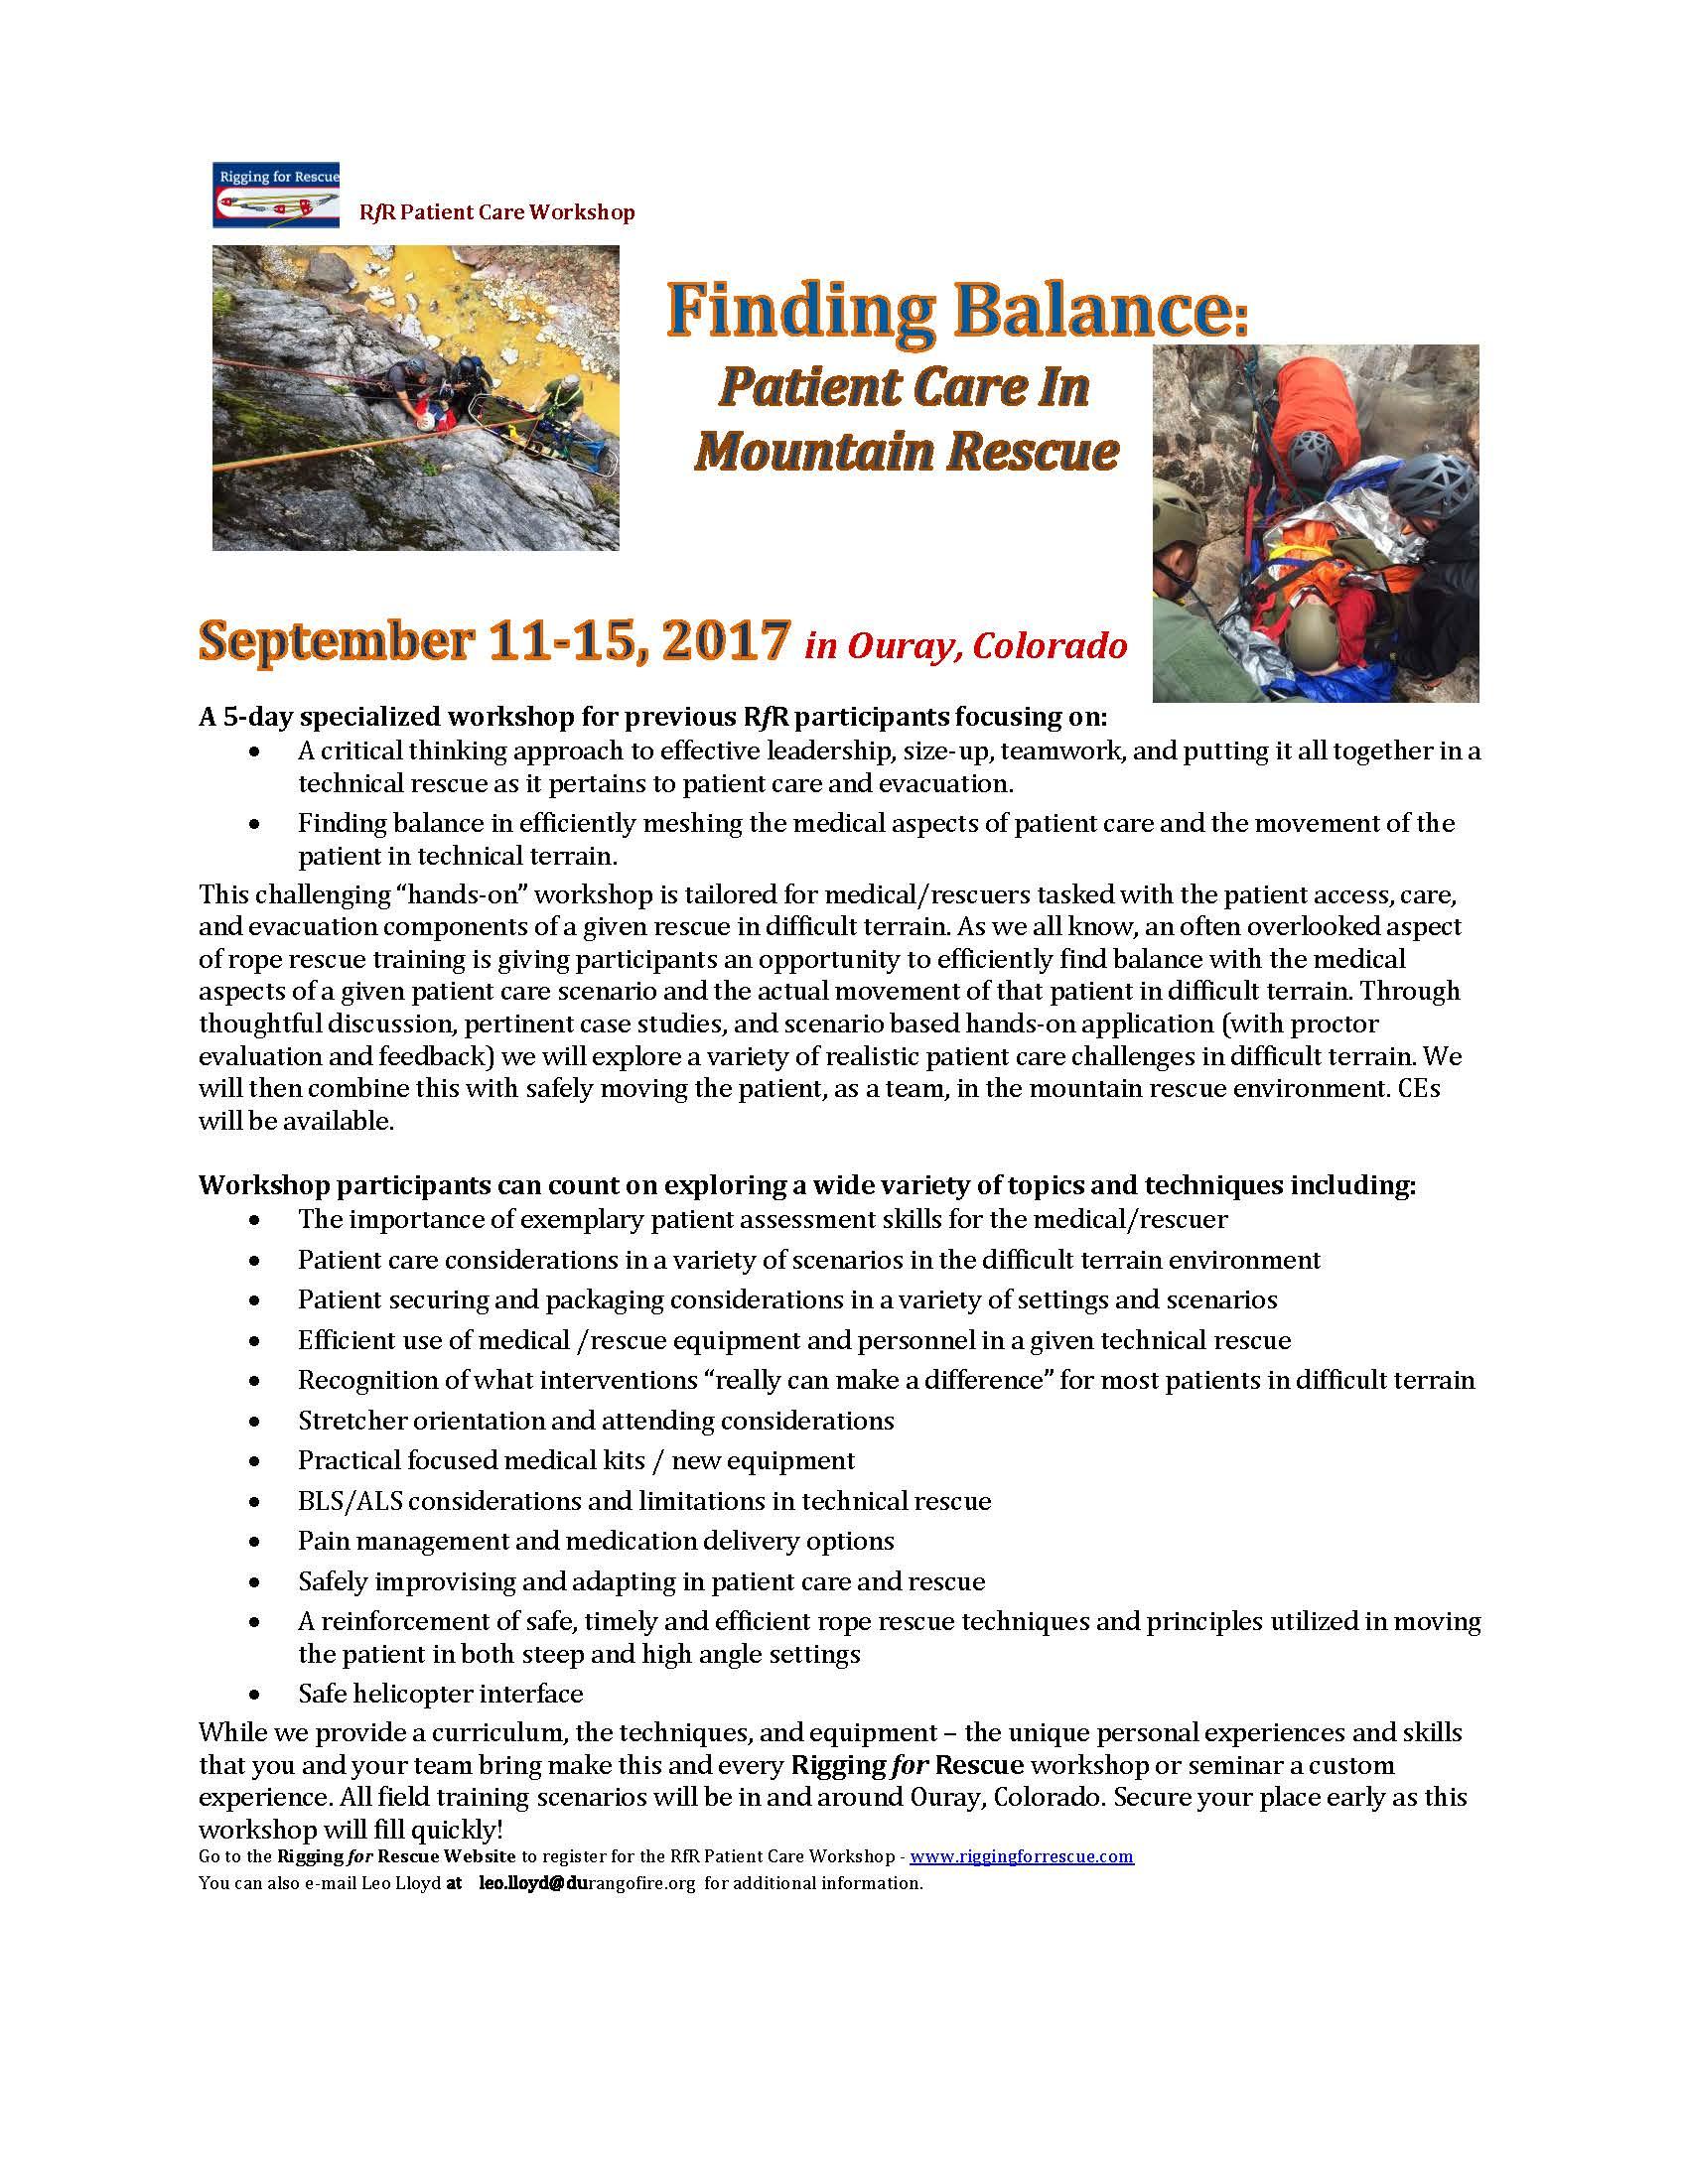 2017-rfr-patient-care-workshop-course-description